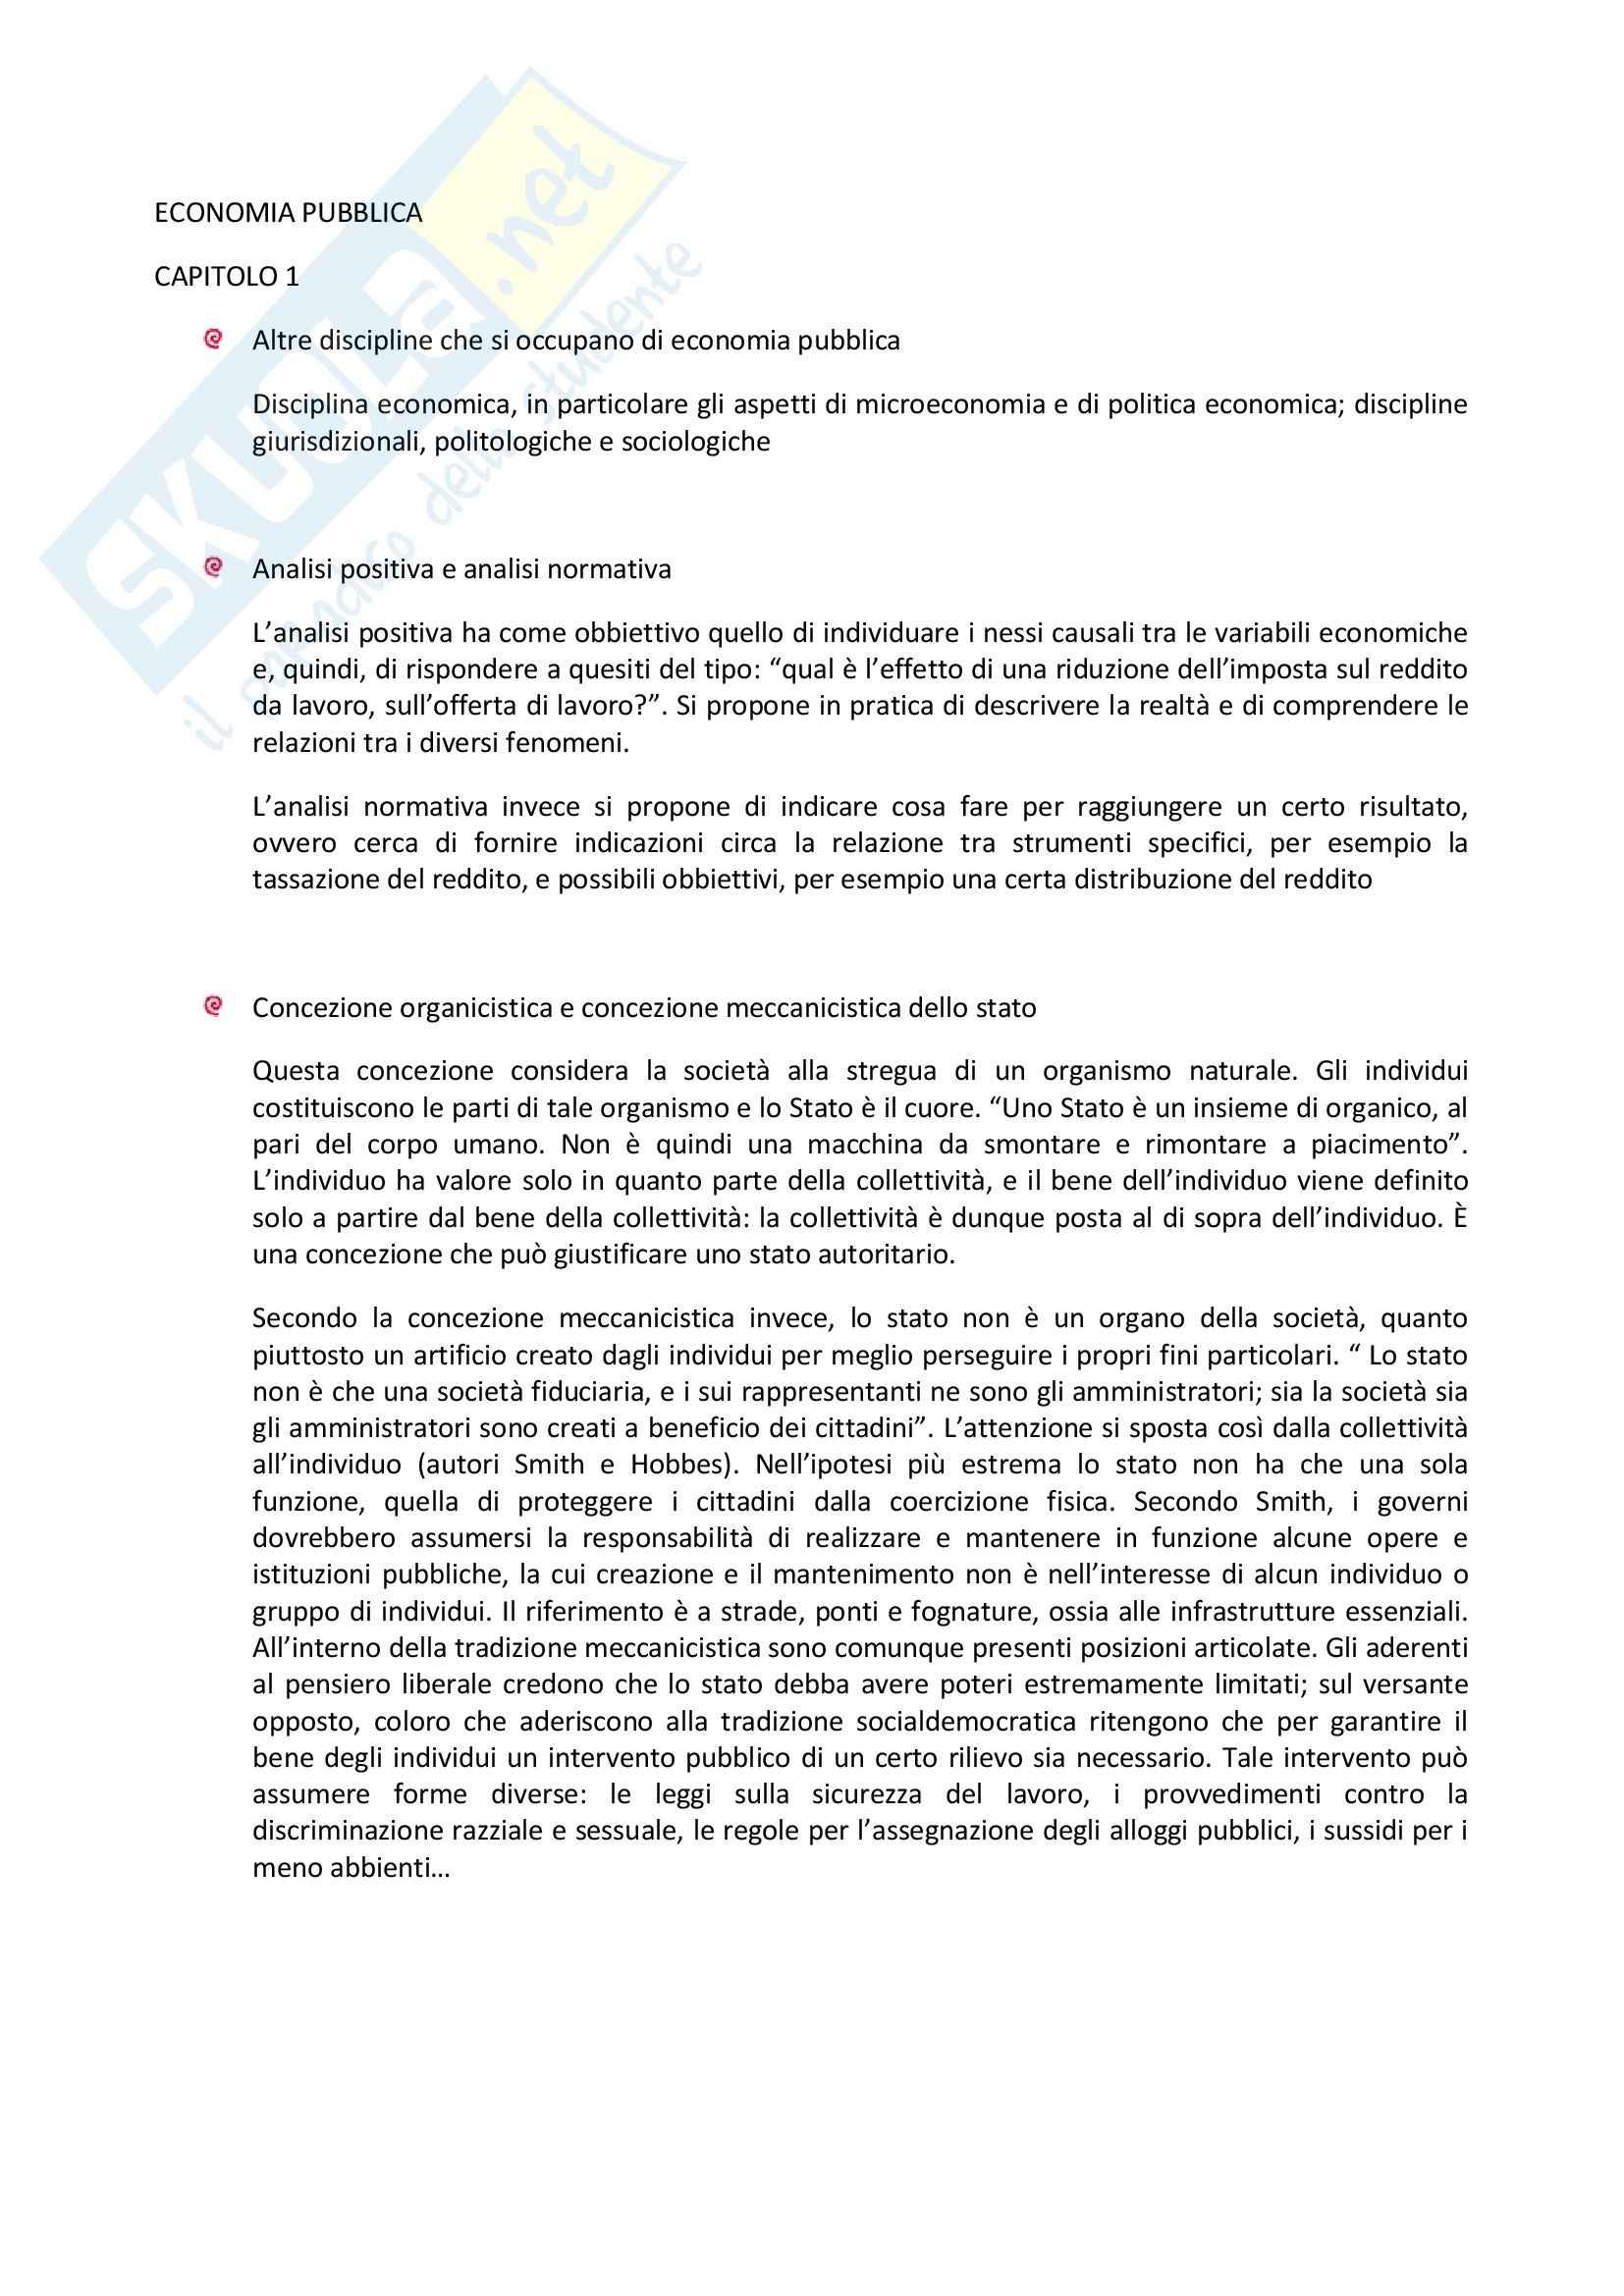 Riassunto esame degli Appunti di Economia pubblica, prof. Di Novi